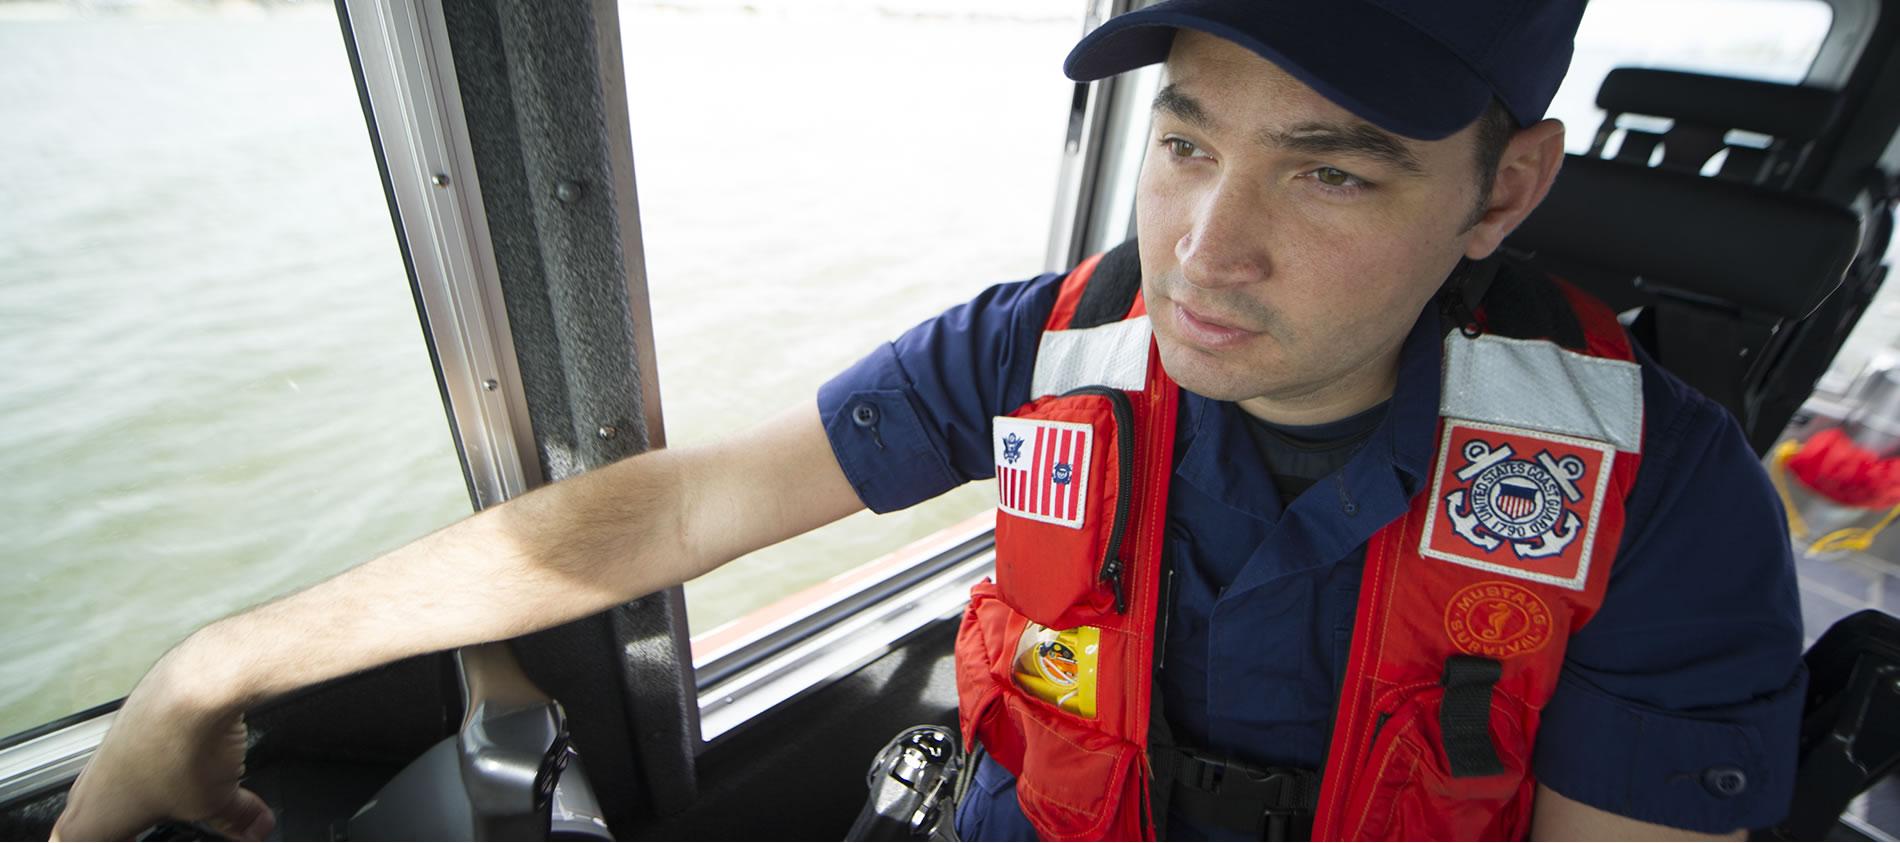 CoastGuard Active Duty member on boat